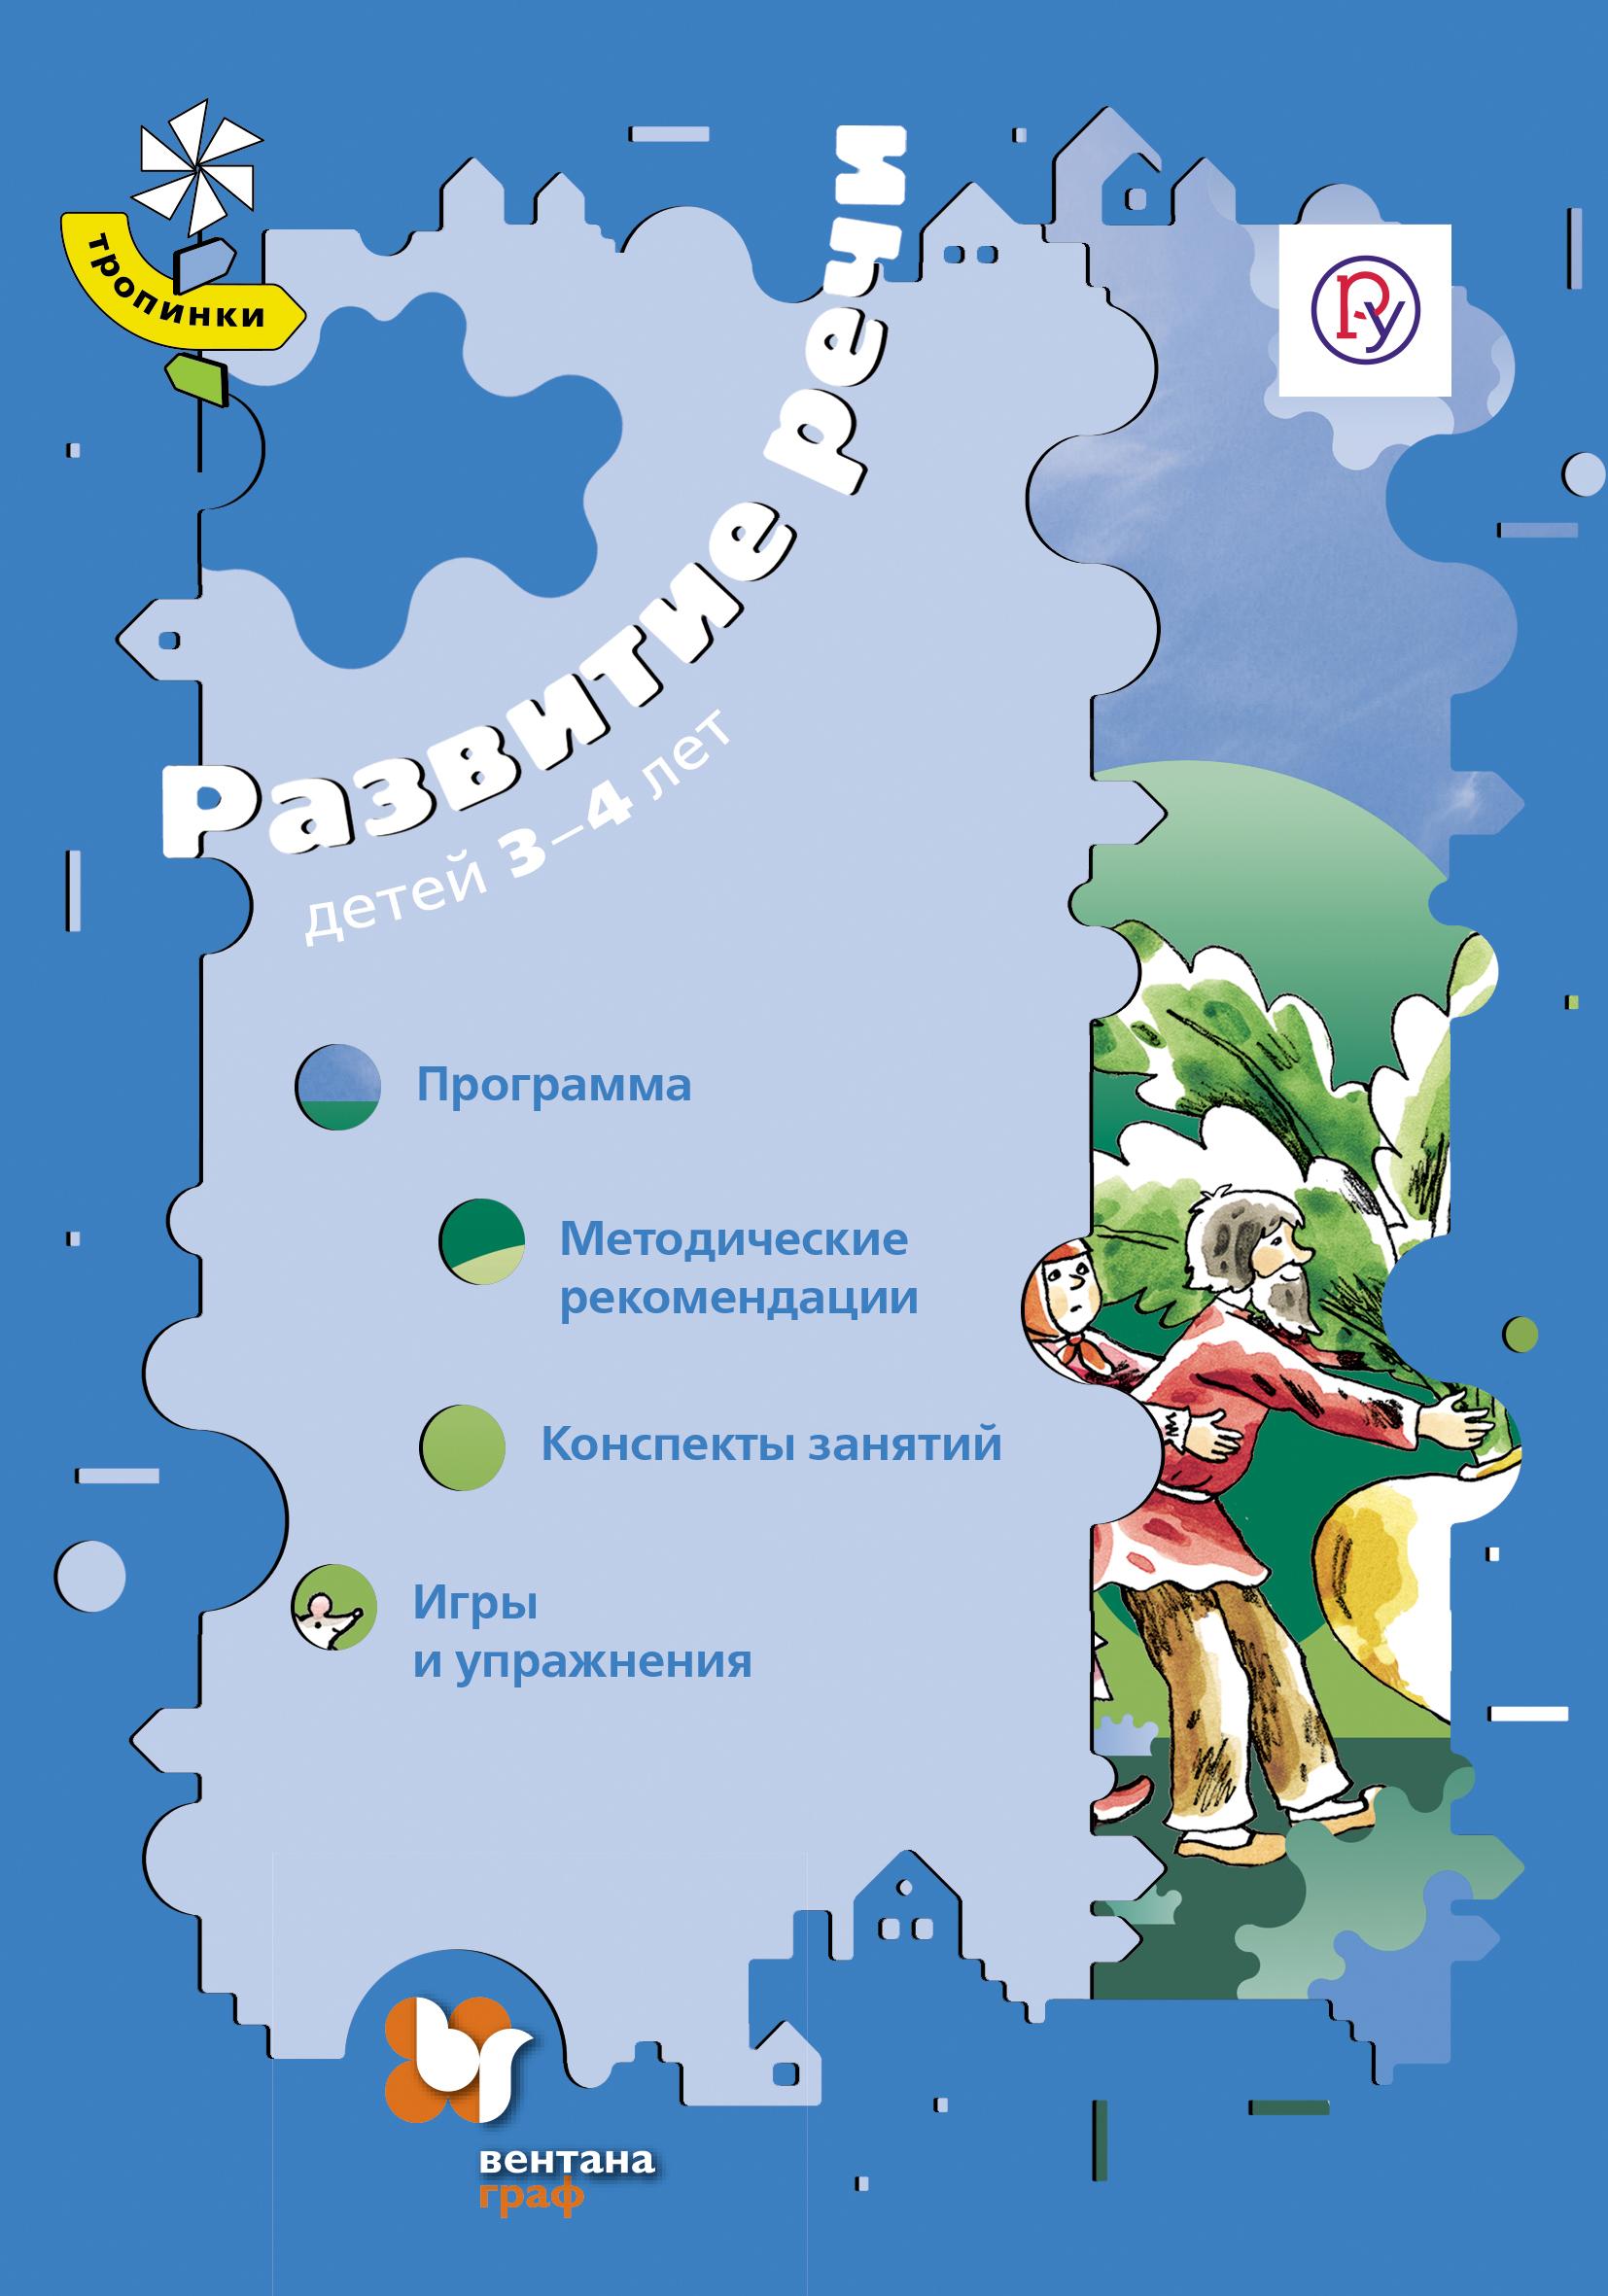 Развитие речи детей 3–4 лет. Программа, методические рекомендации, конспекты, игры и упражнения. Методическое пособие